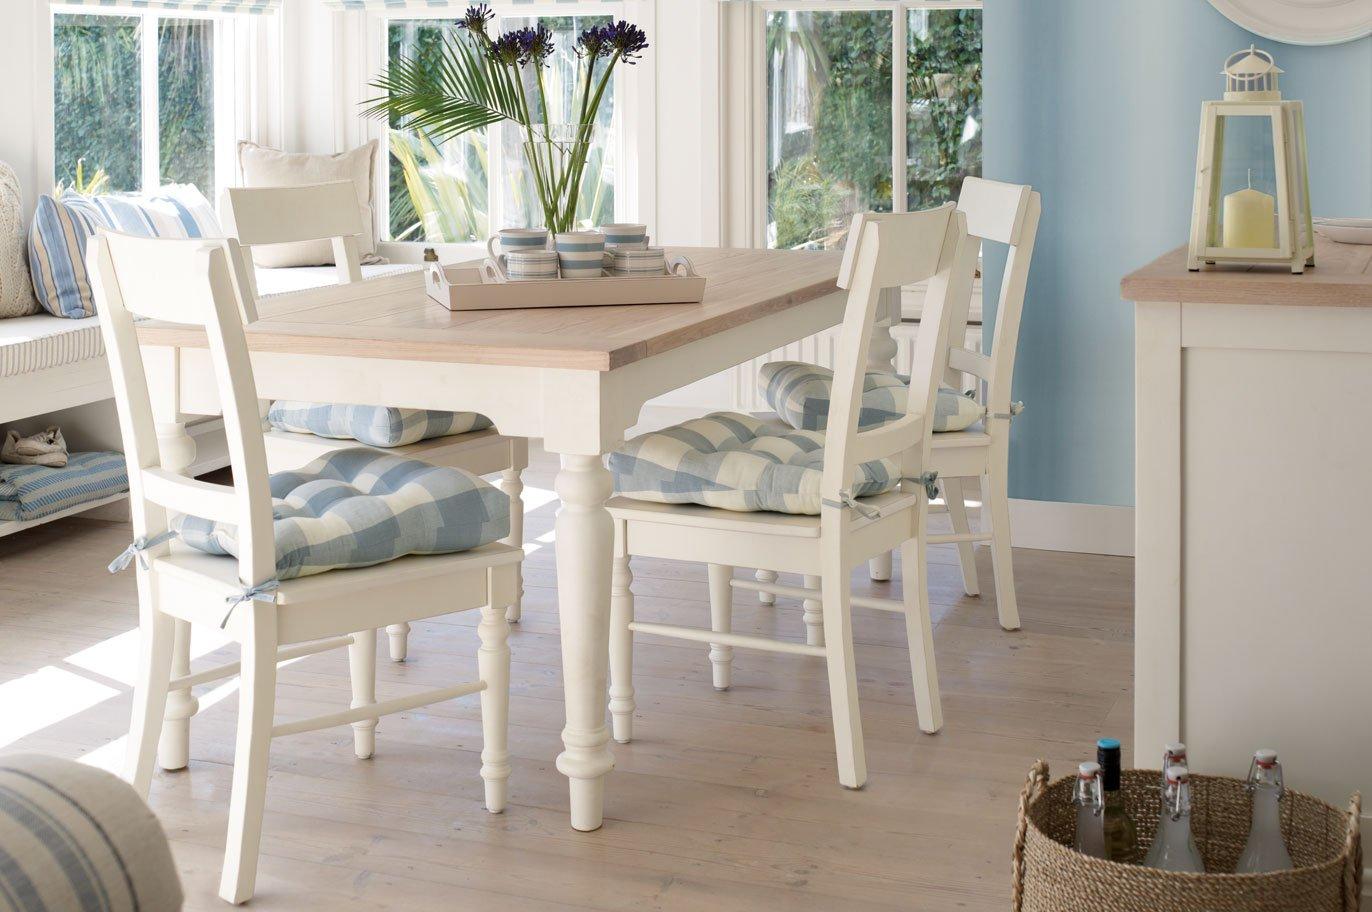 Muebles para una cocina de estilo ingl s decoraci n del for Casa de campo de estilo ingles decoracion